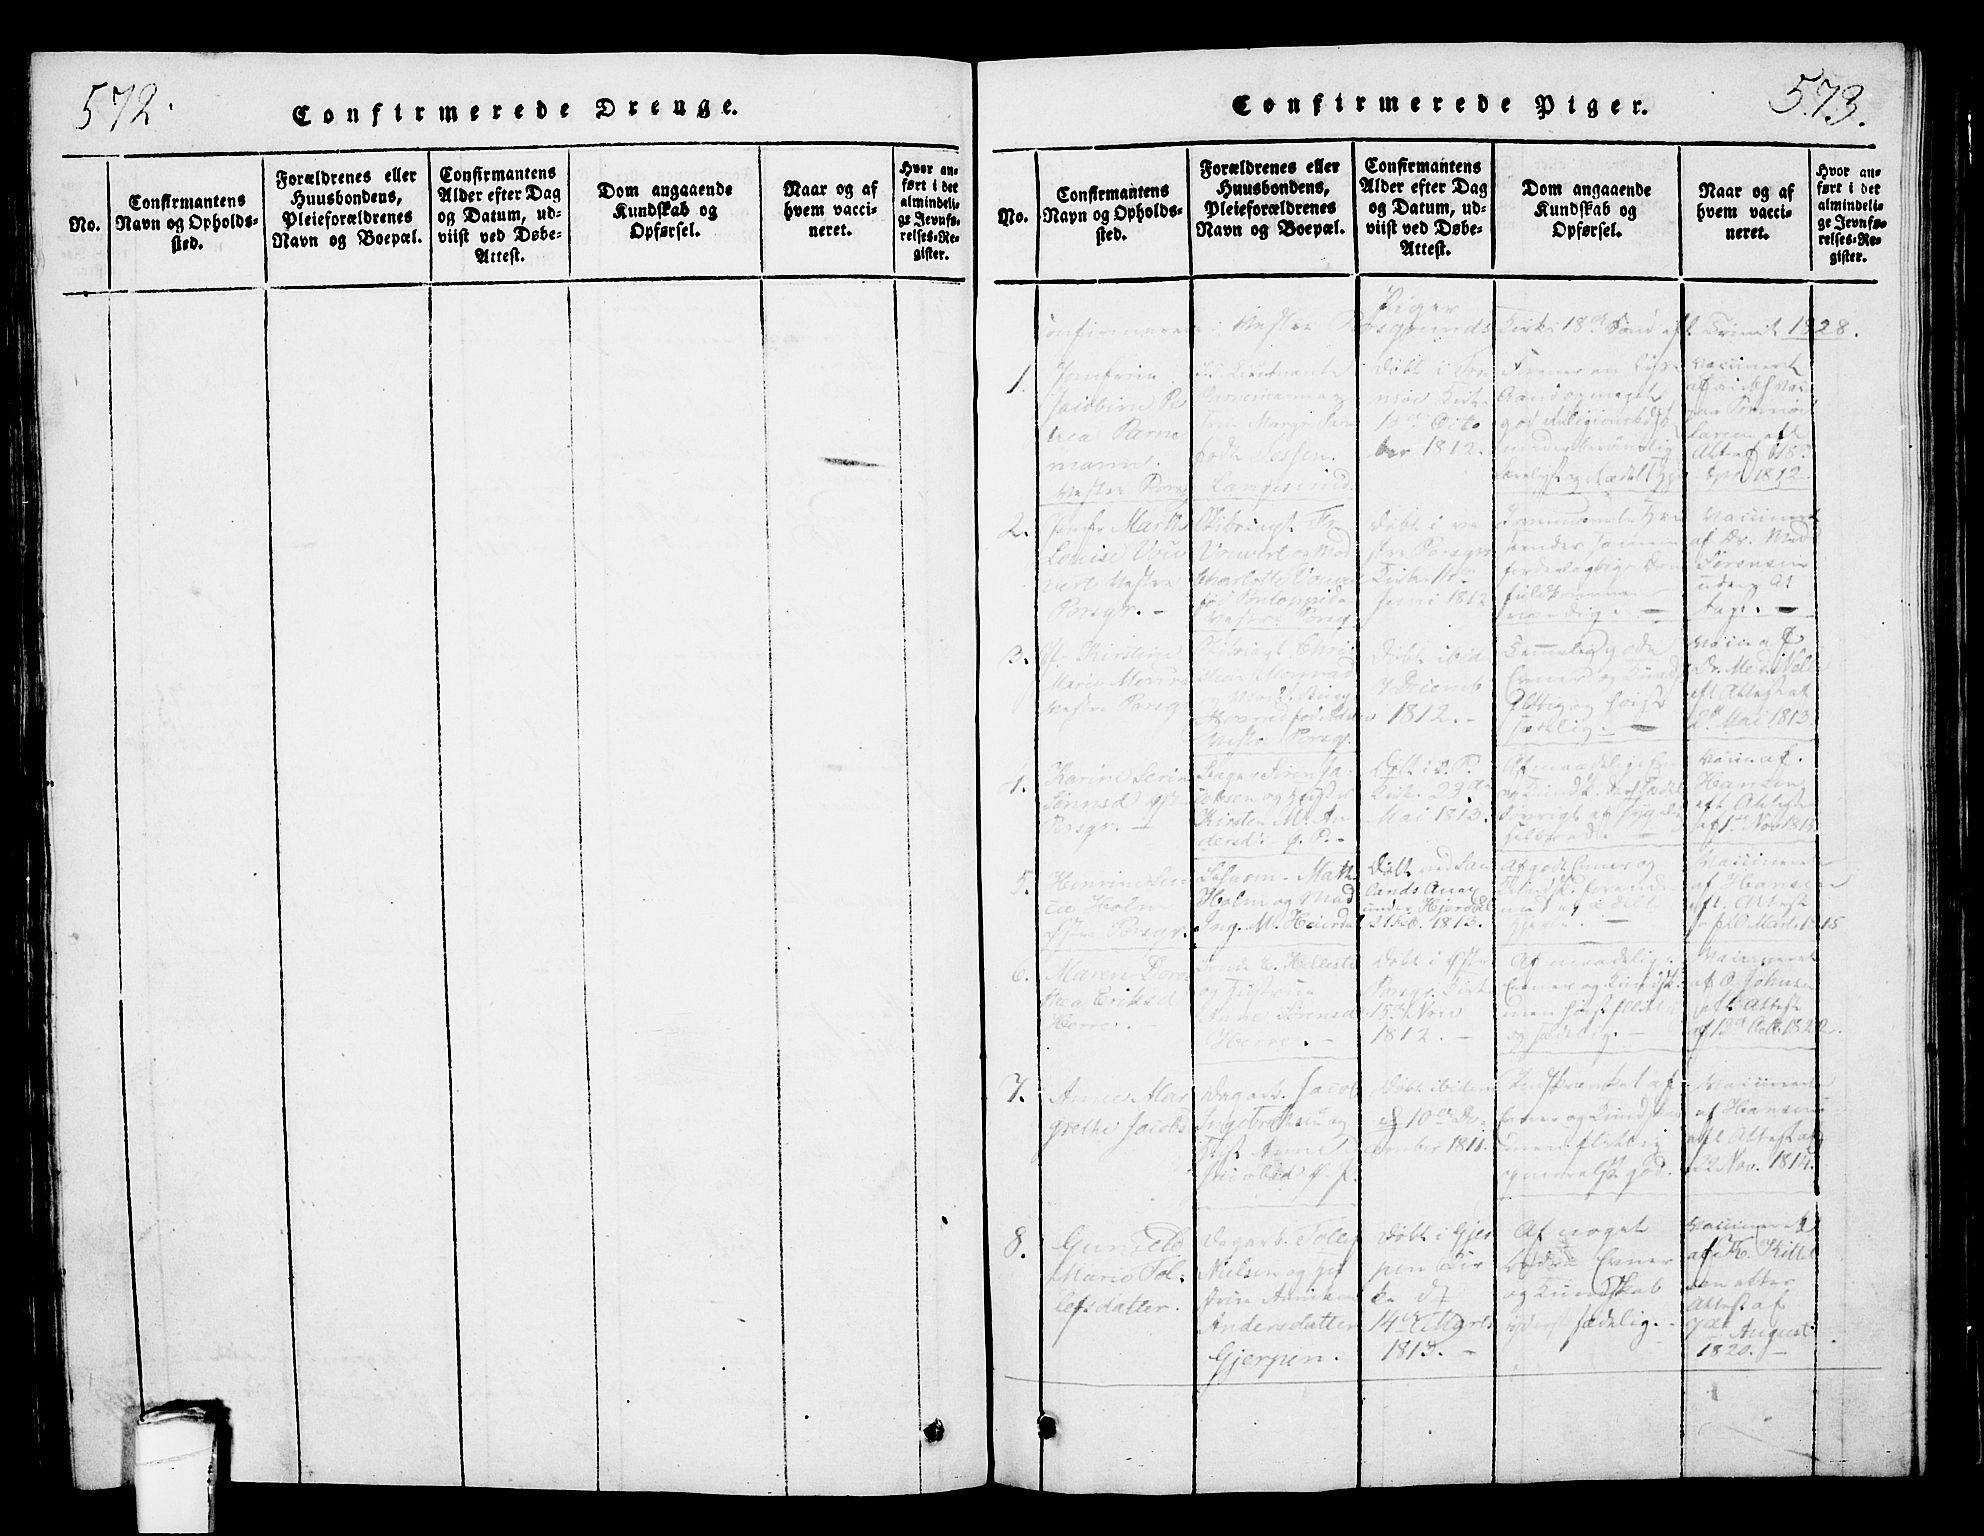 SAKO, Porsgrunn kirkebøker , G/Gb/L0001: Klokkerbok nr. II 1, 1817-1828, s. 572-573